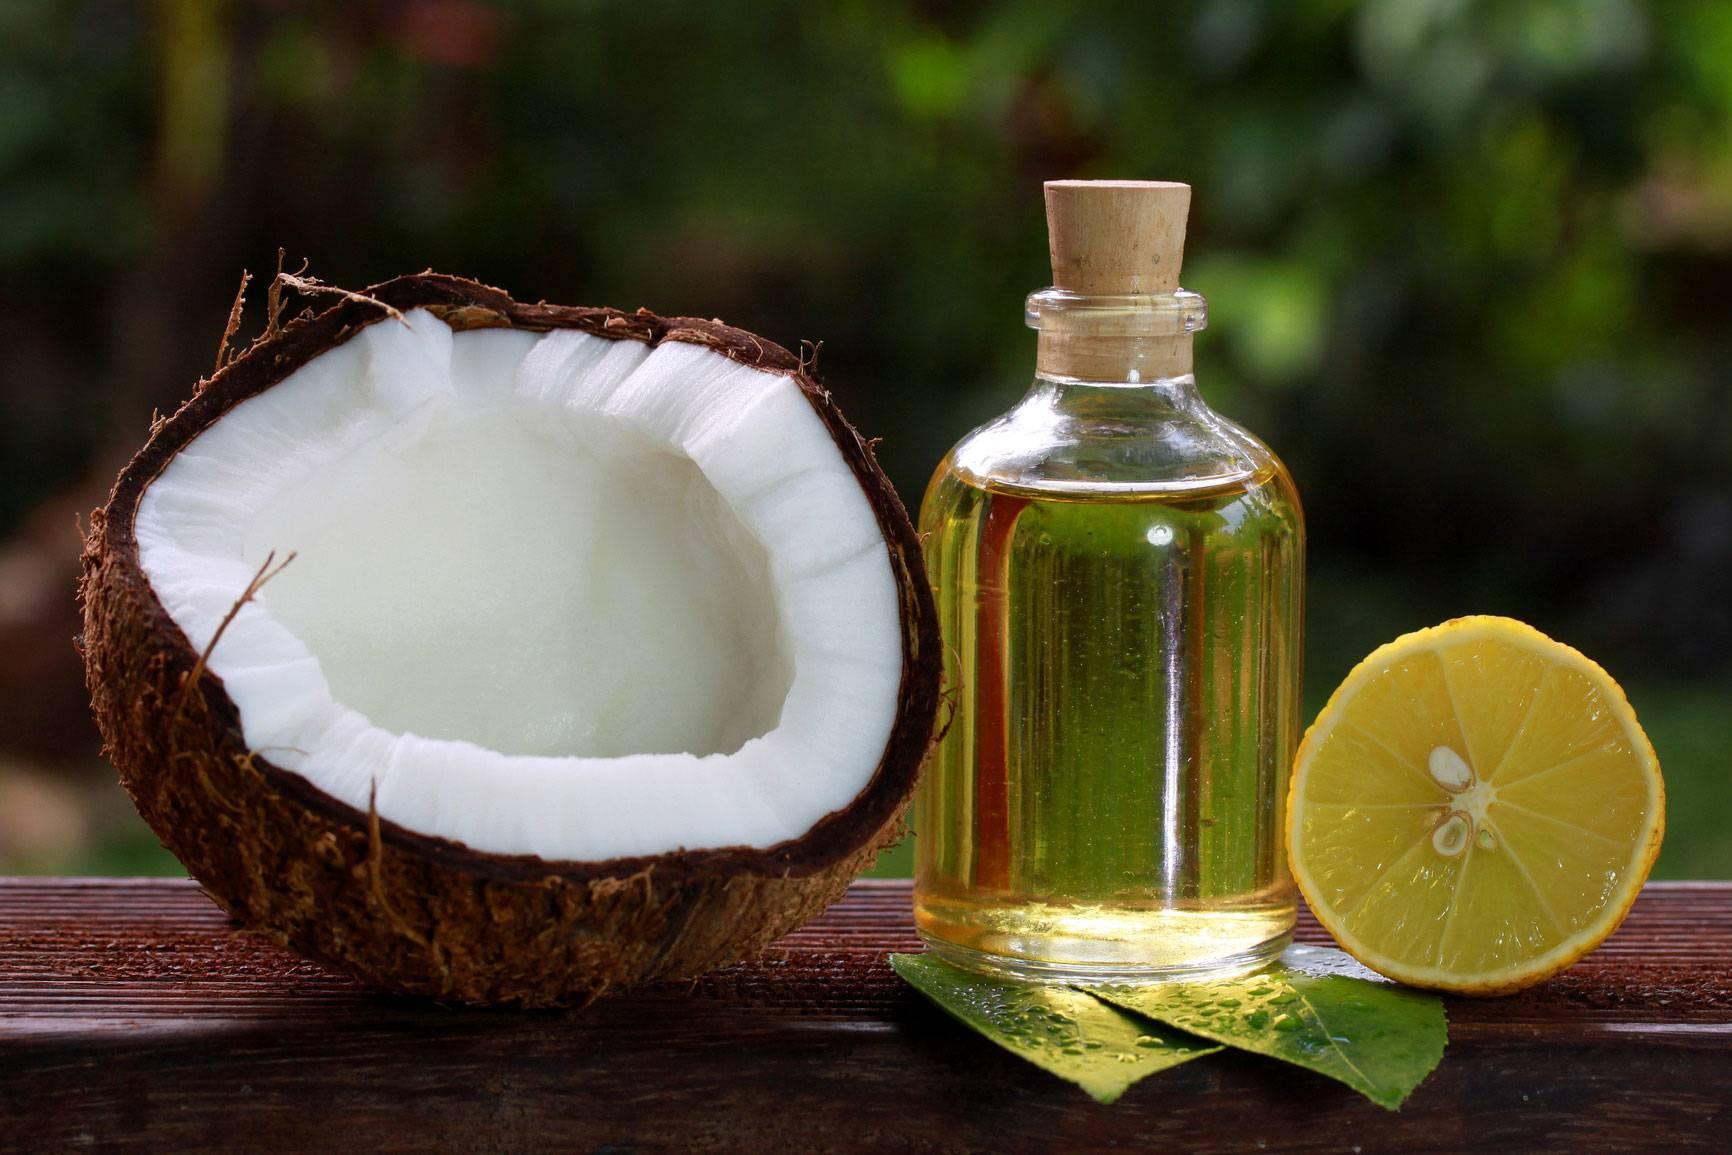 Кокосовое масло для еды, применение в пищу в чистом виде и для жарки, польза и вред, отзывы